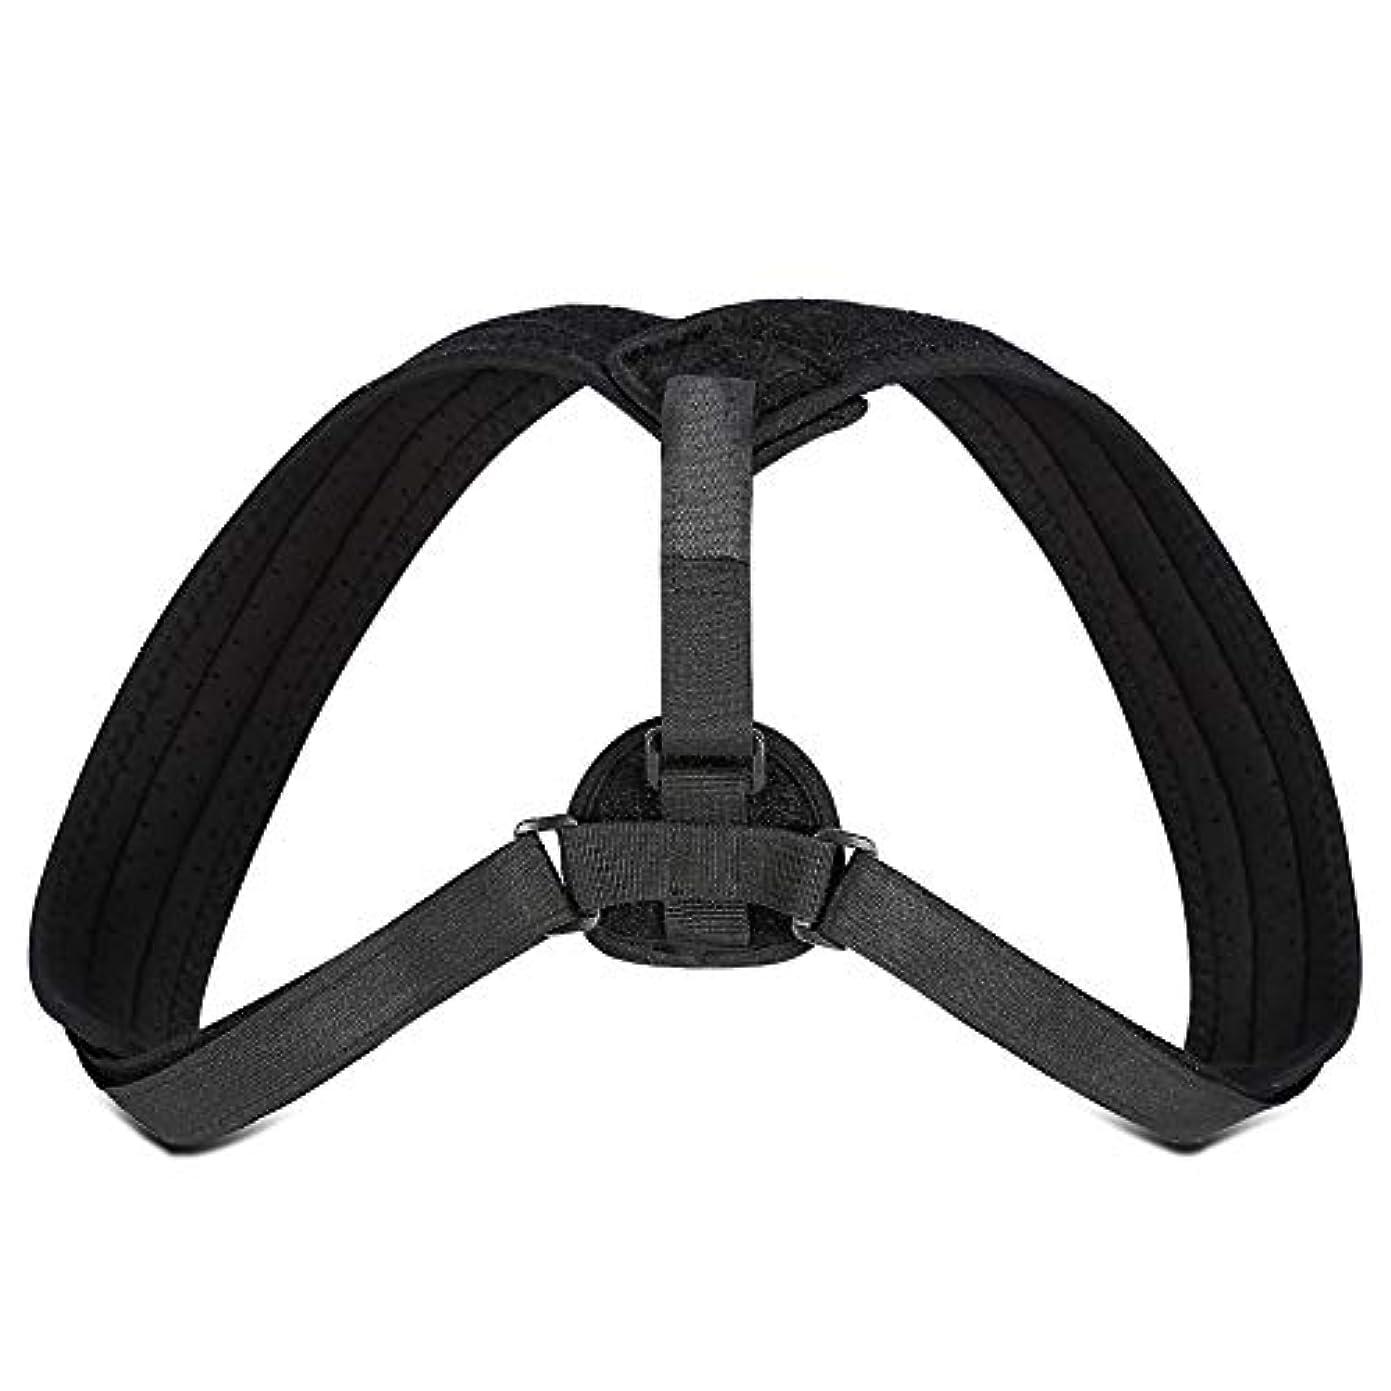 外科医ピジン自伝Yosoo Posture Corrector - ブレースアッパーバックネックショルダーサポートアジャスタブルストラップ、肩の体位補正、整形外科用こぶの緩和のための包帯矯正、ティーン用